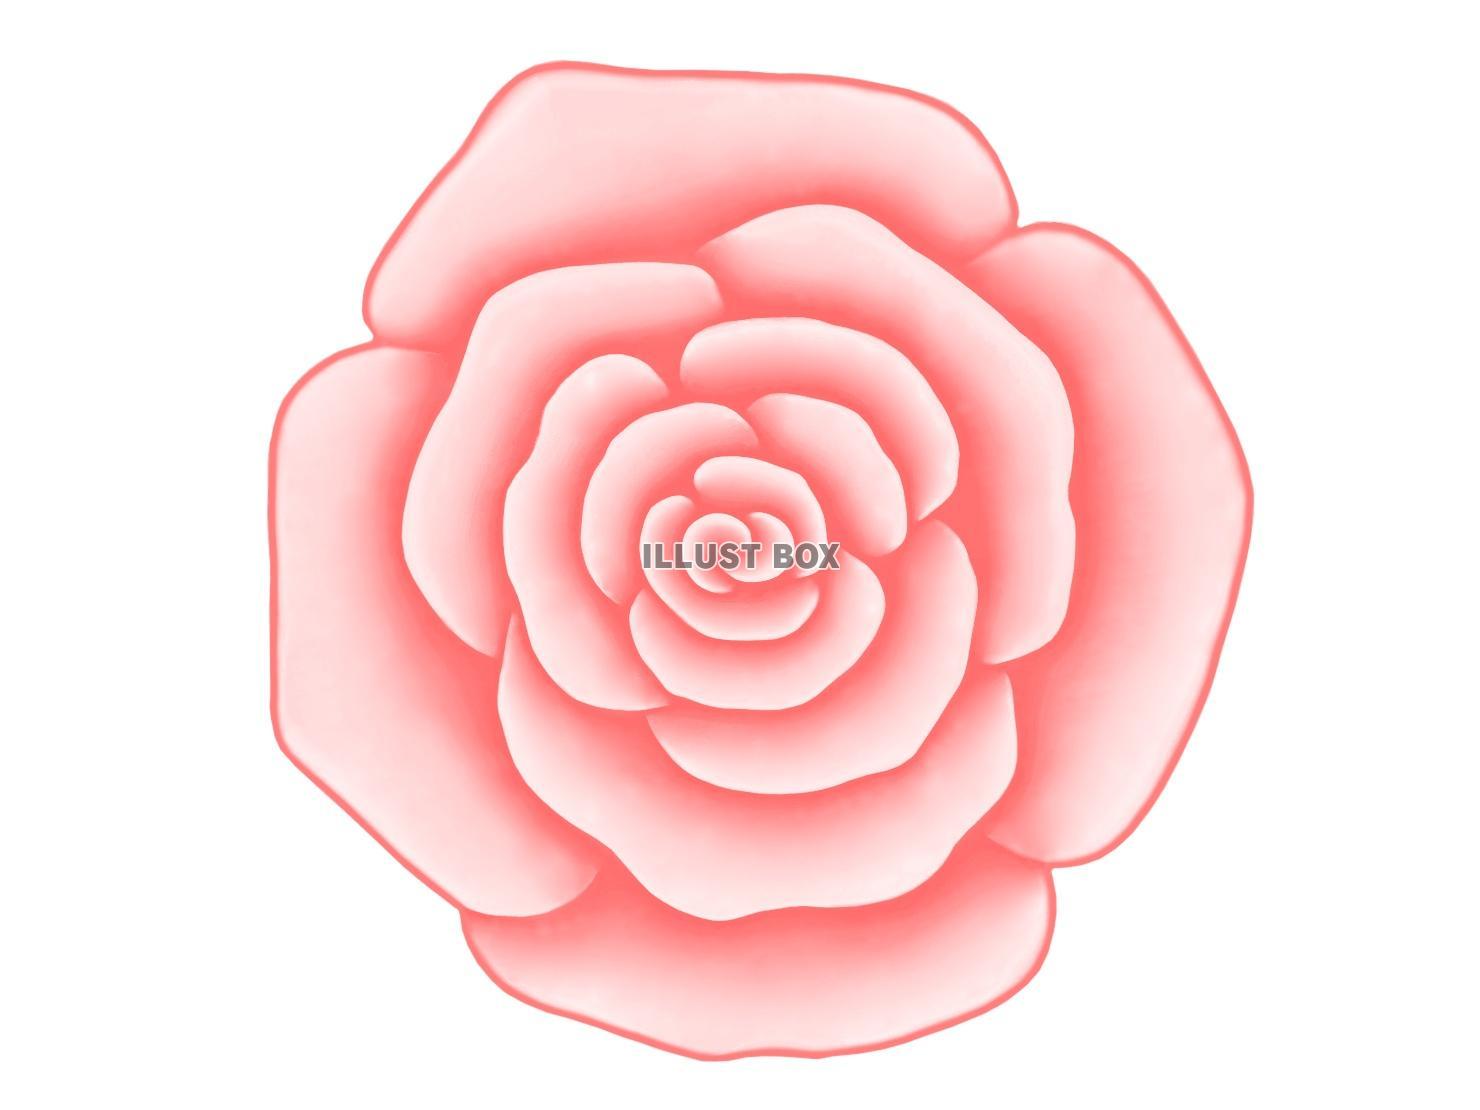 無料イラスト バラの花のワンポイントイラスト背景素材